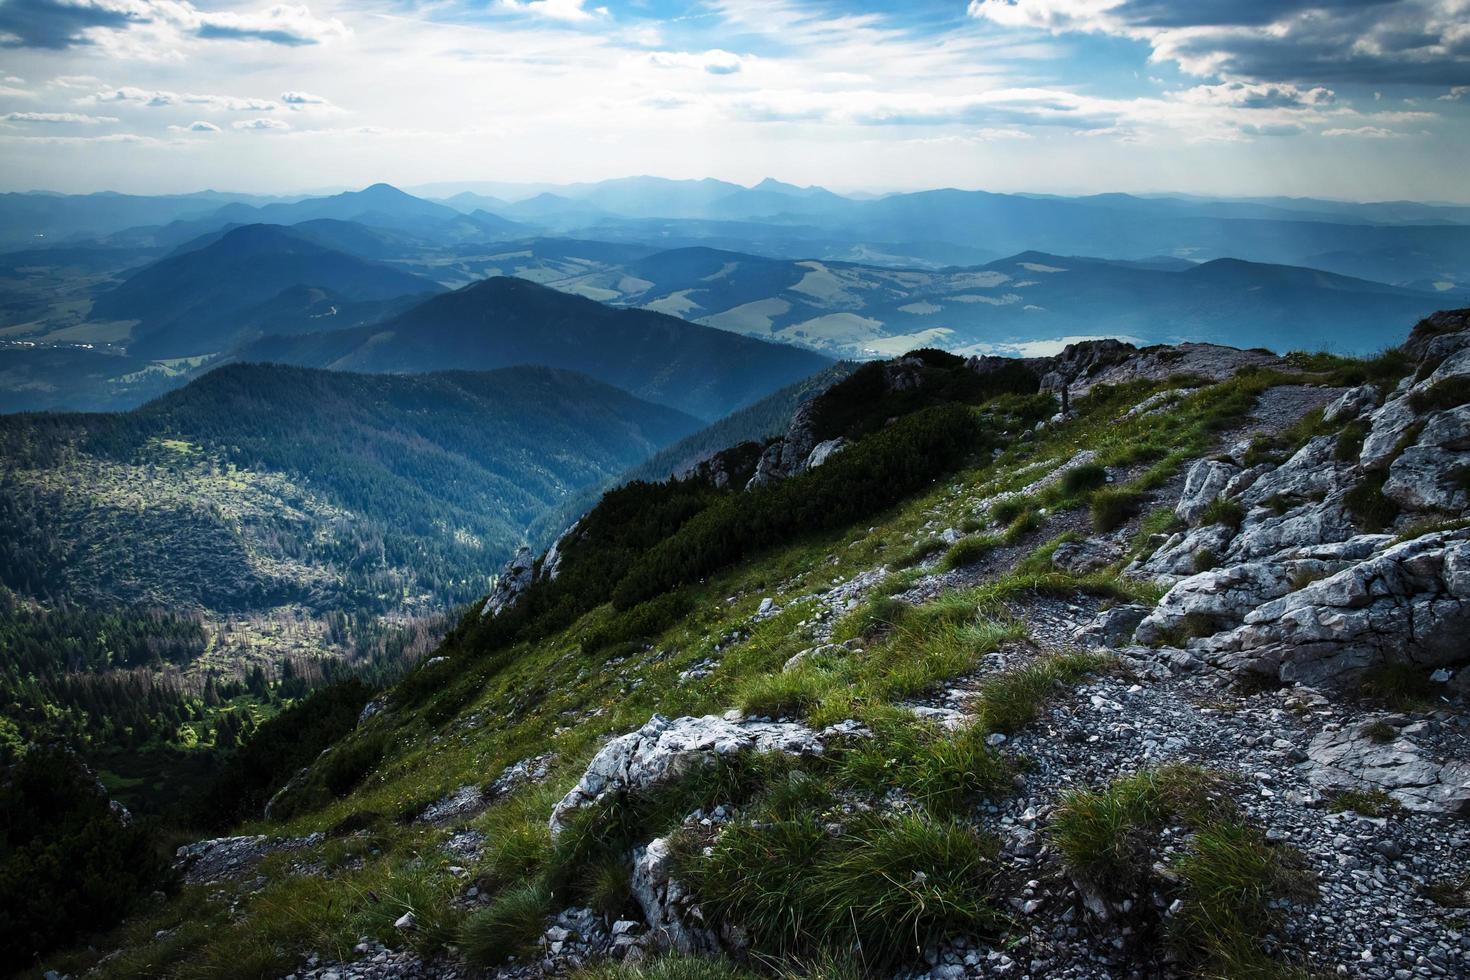 nuages sur les montagnes photo